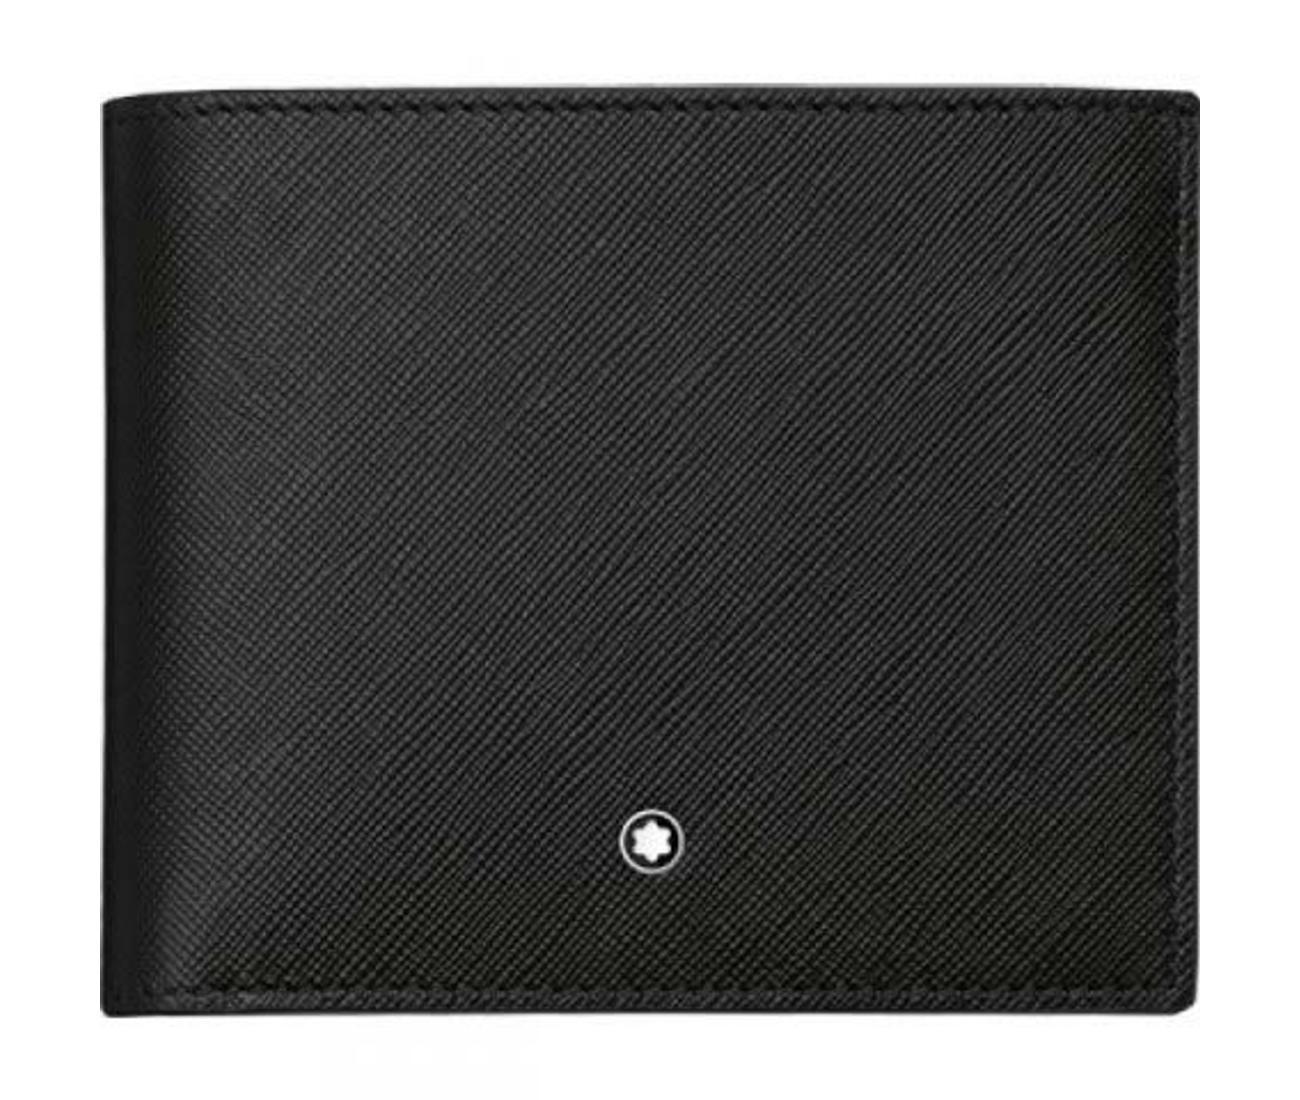 Sartorial6 CC wallet